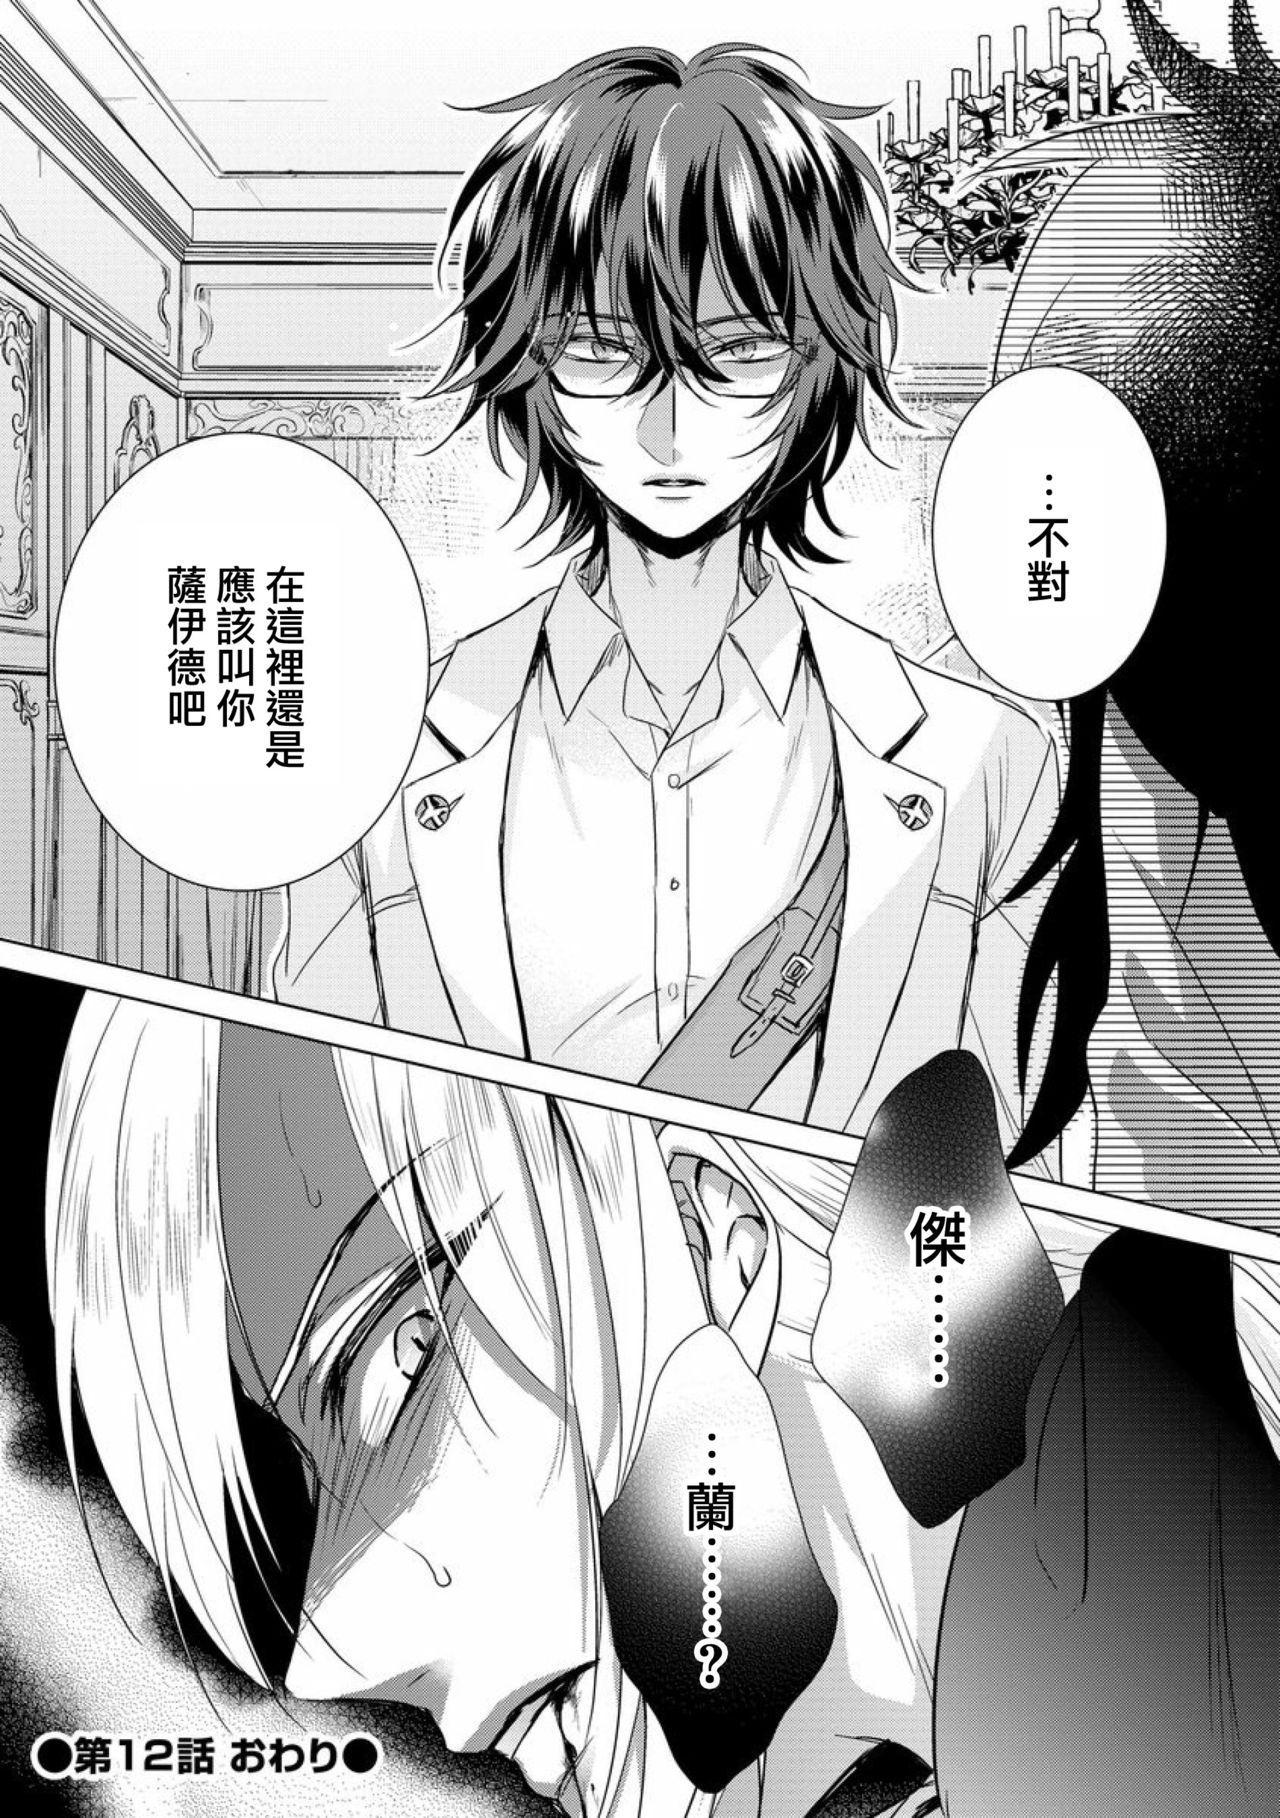 [Saotome Mokono] Kyououji no Ibitsu na Shuuai ~Nyotaika Knight no Totsukitooka~ Ch. 12 [Chinese] [瑞树汉化组] [Digital] 30